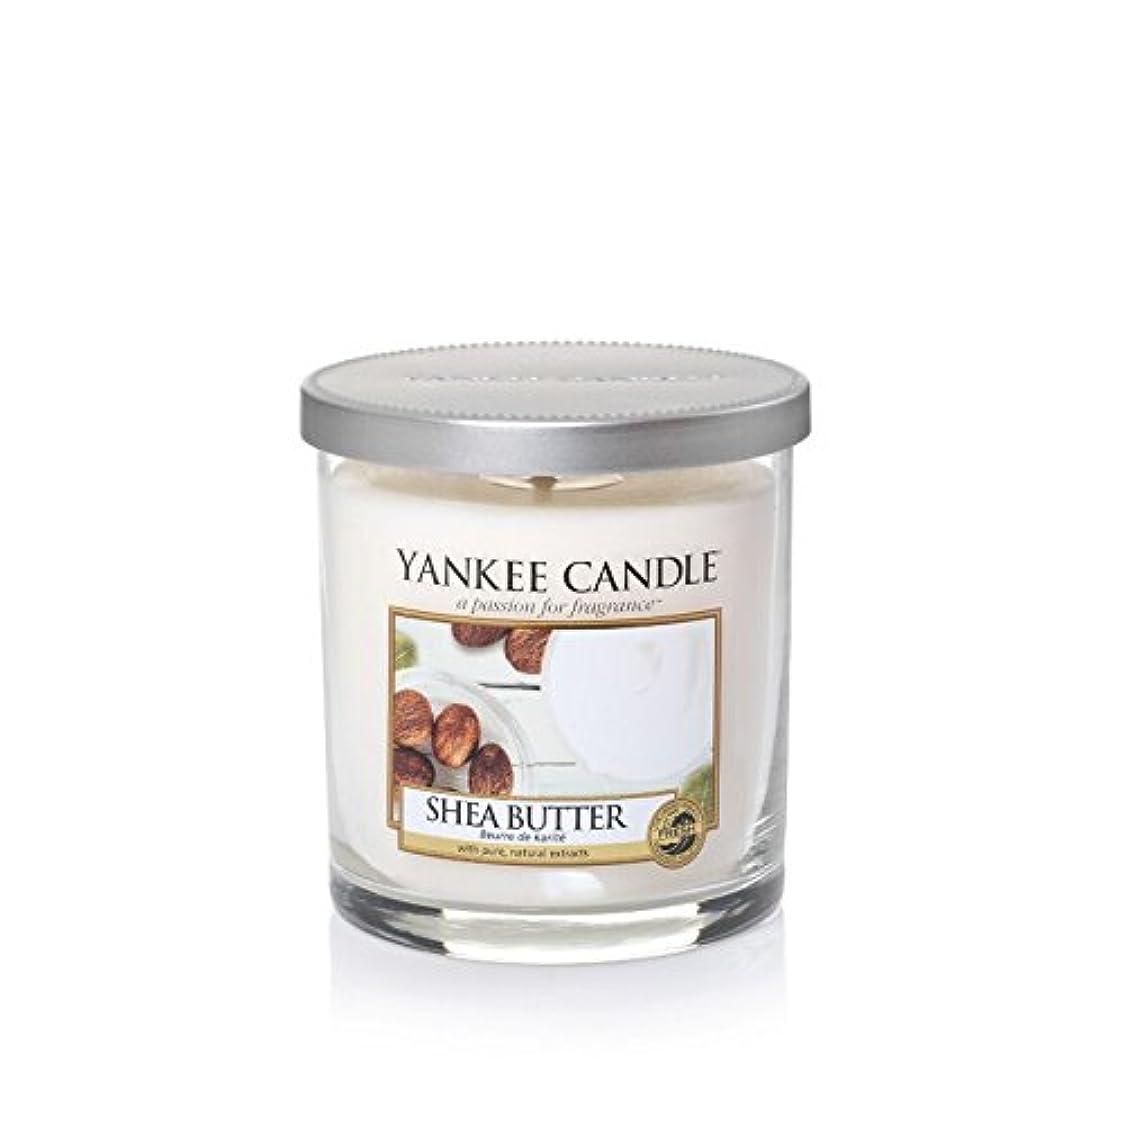 取り囲む航海のピルファーヤンキーキャンドルの小さな柱キャンドル - シアバター - Yankee Candles Small Pillar Candle - Shea Butter (Yankee Candles) [並行輸入品]